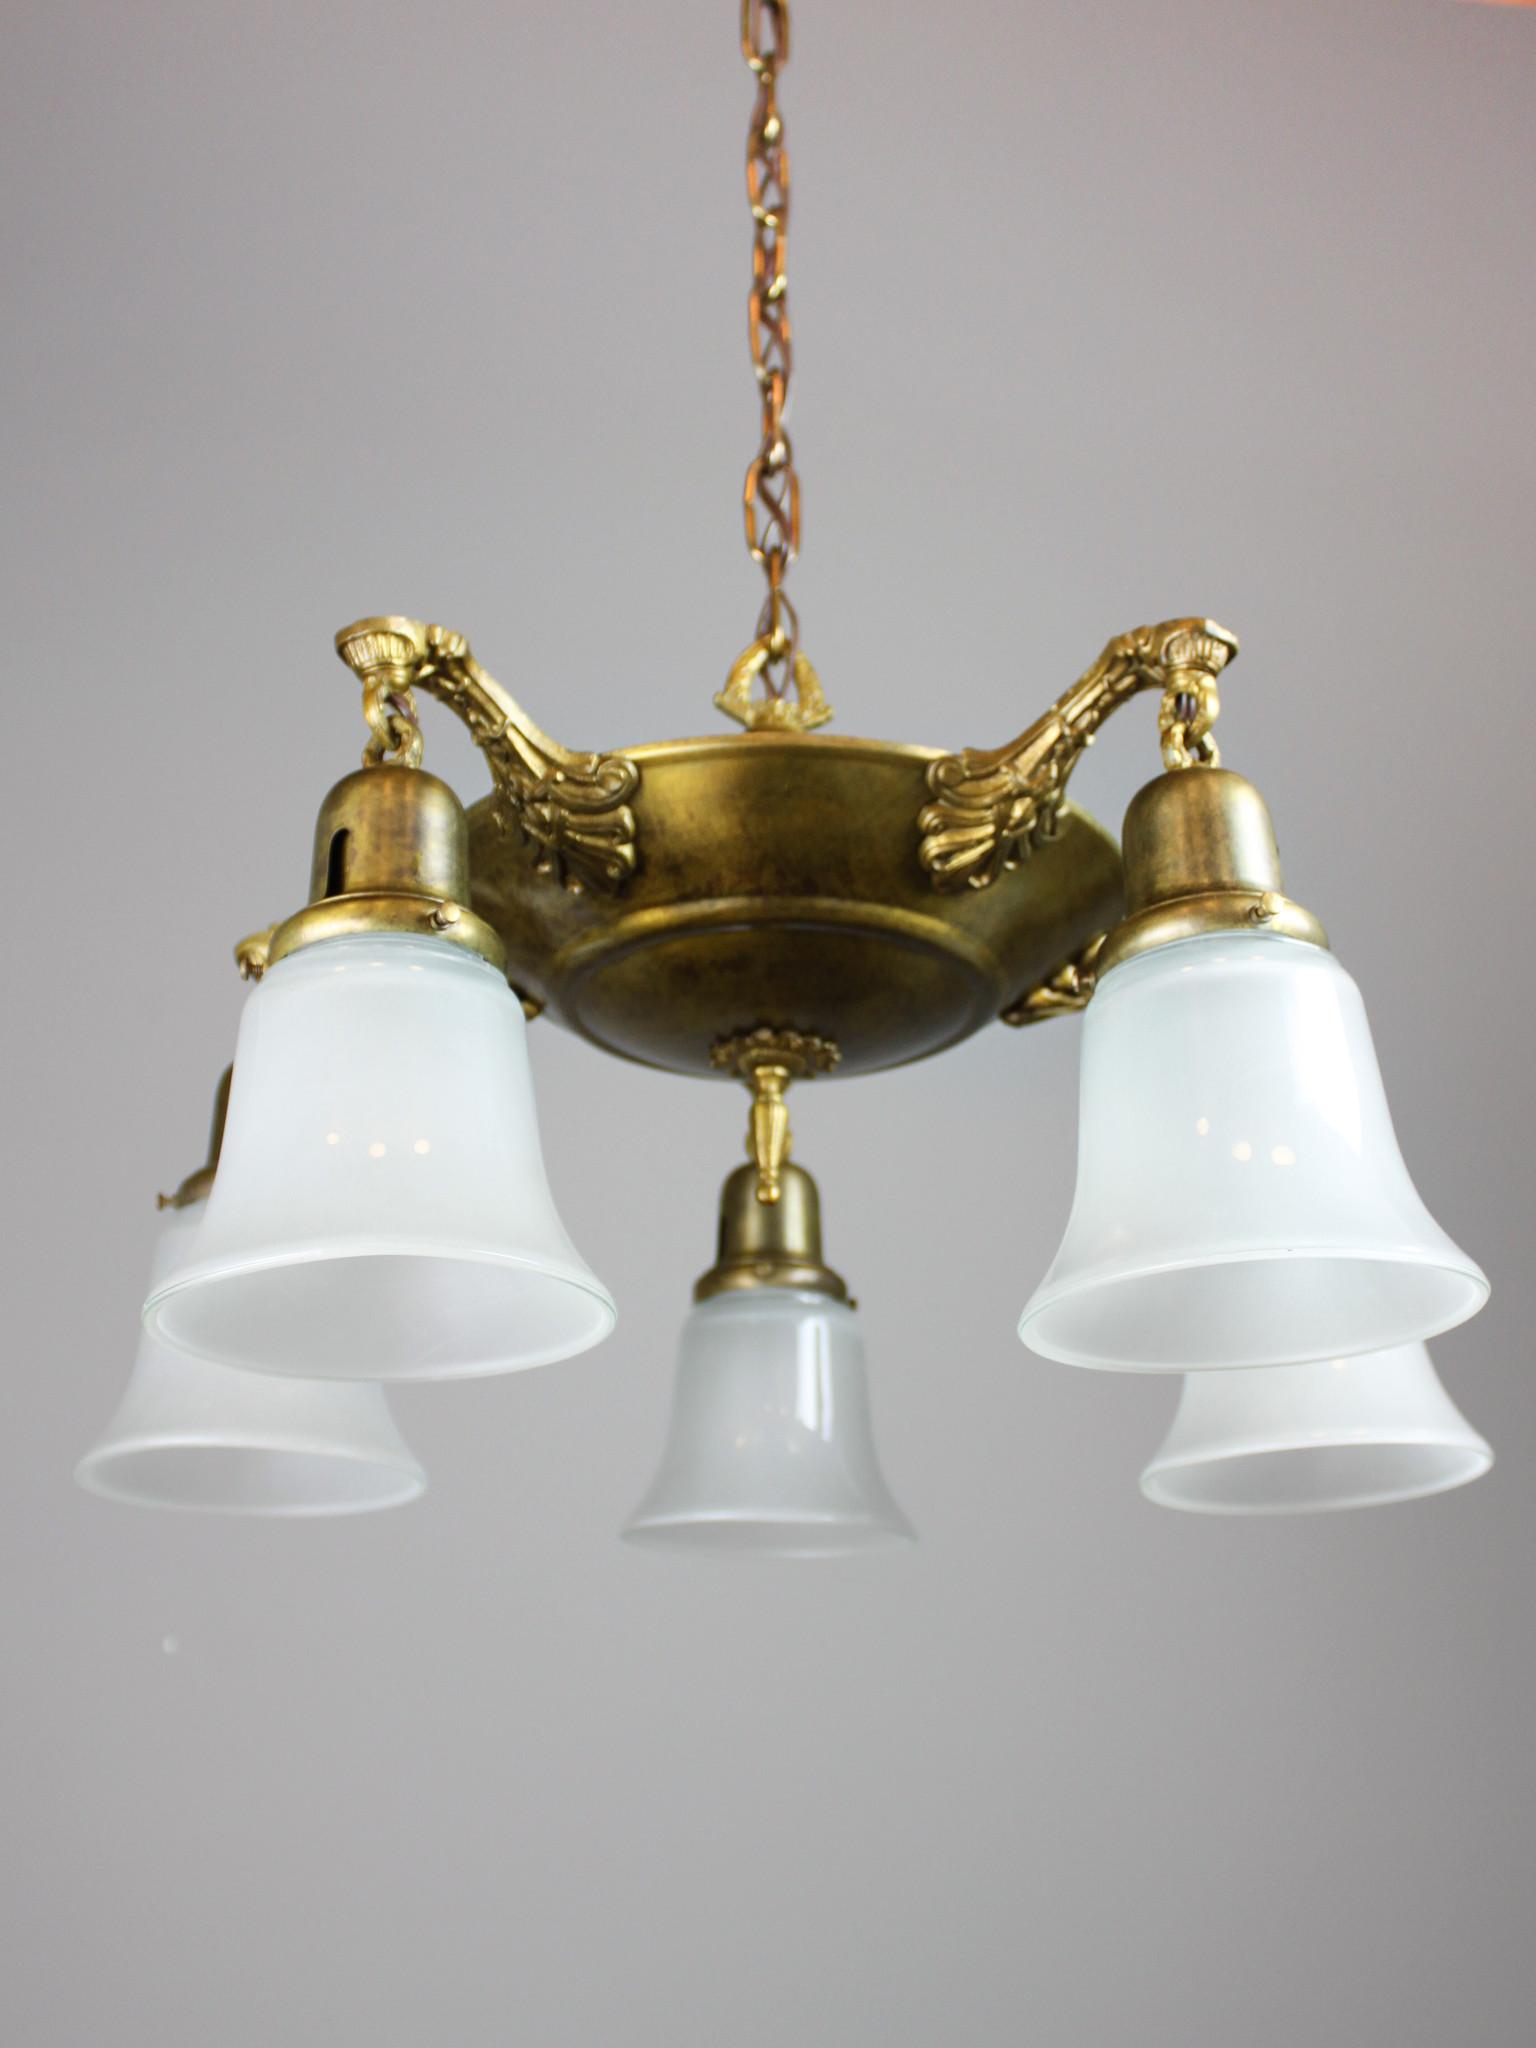 Antique Pan Light Fixture 5 Light